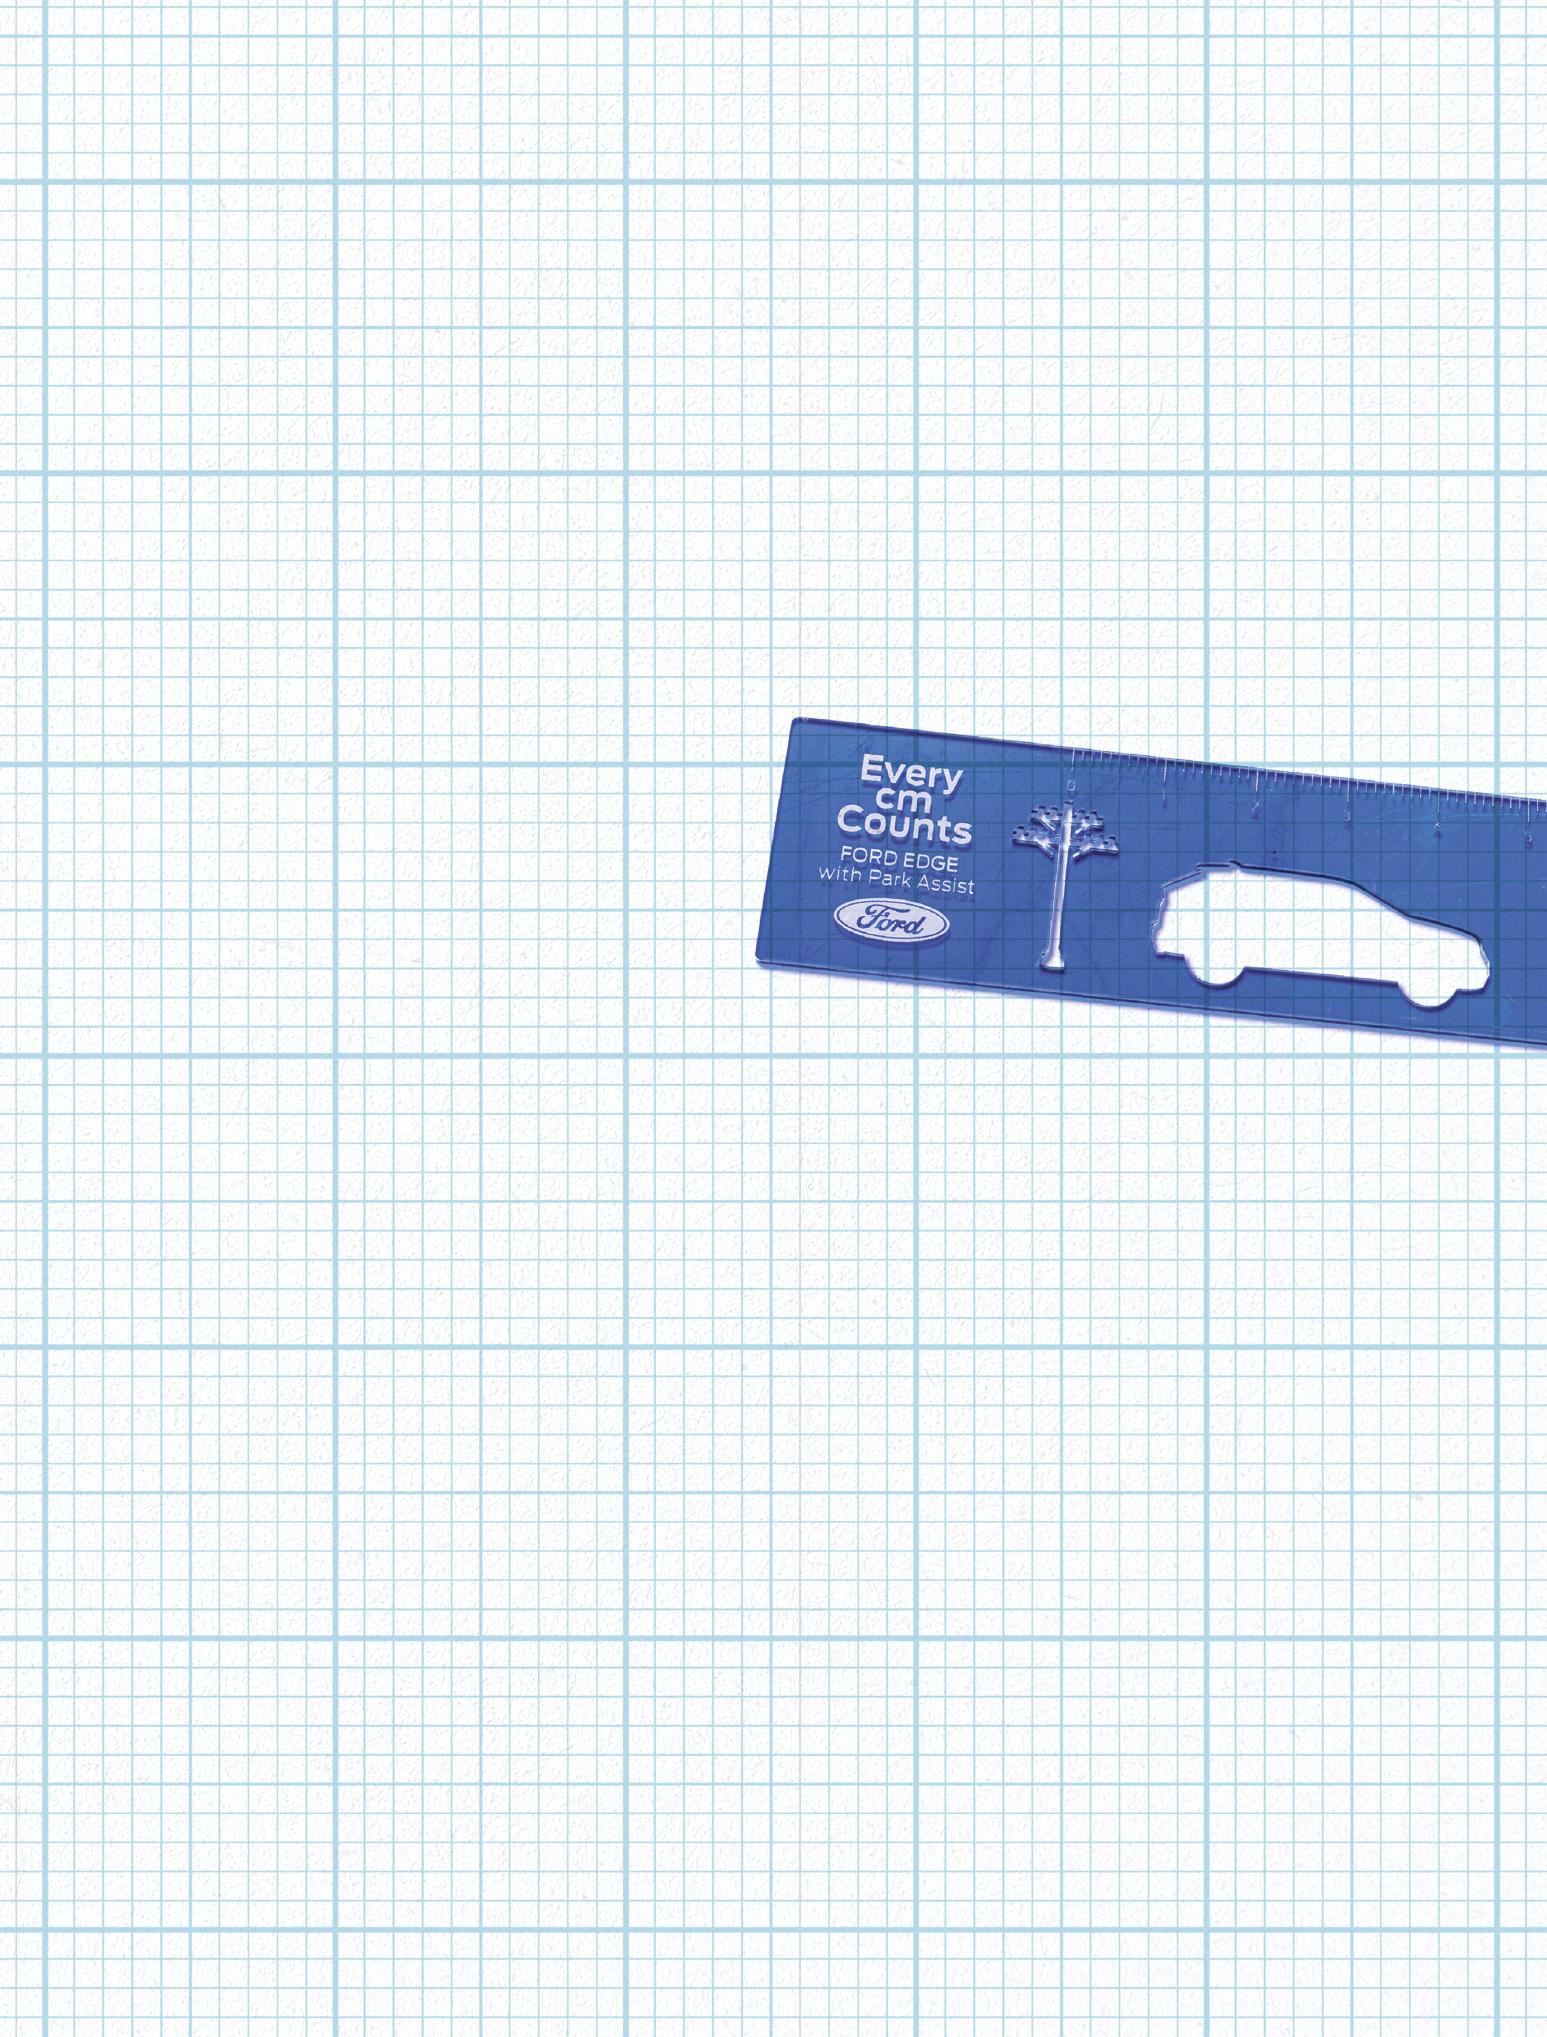 ford_edge-_electric_pole_ruler.jpg